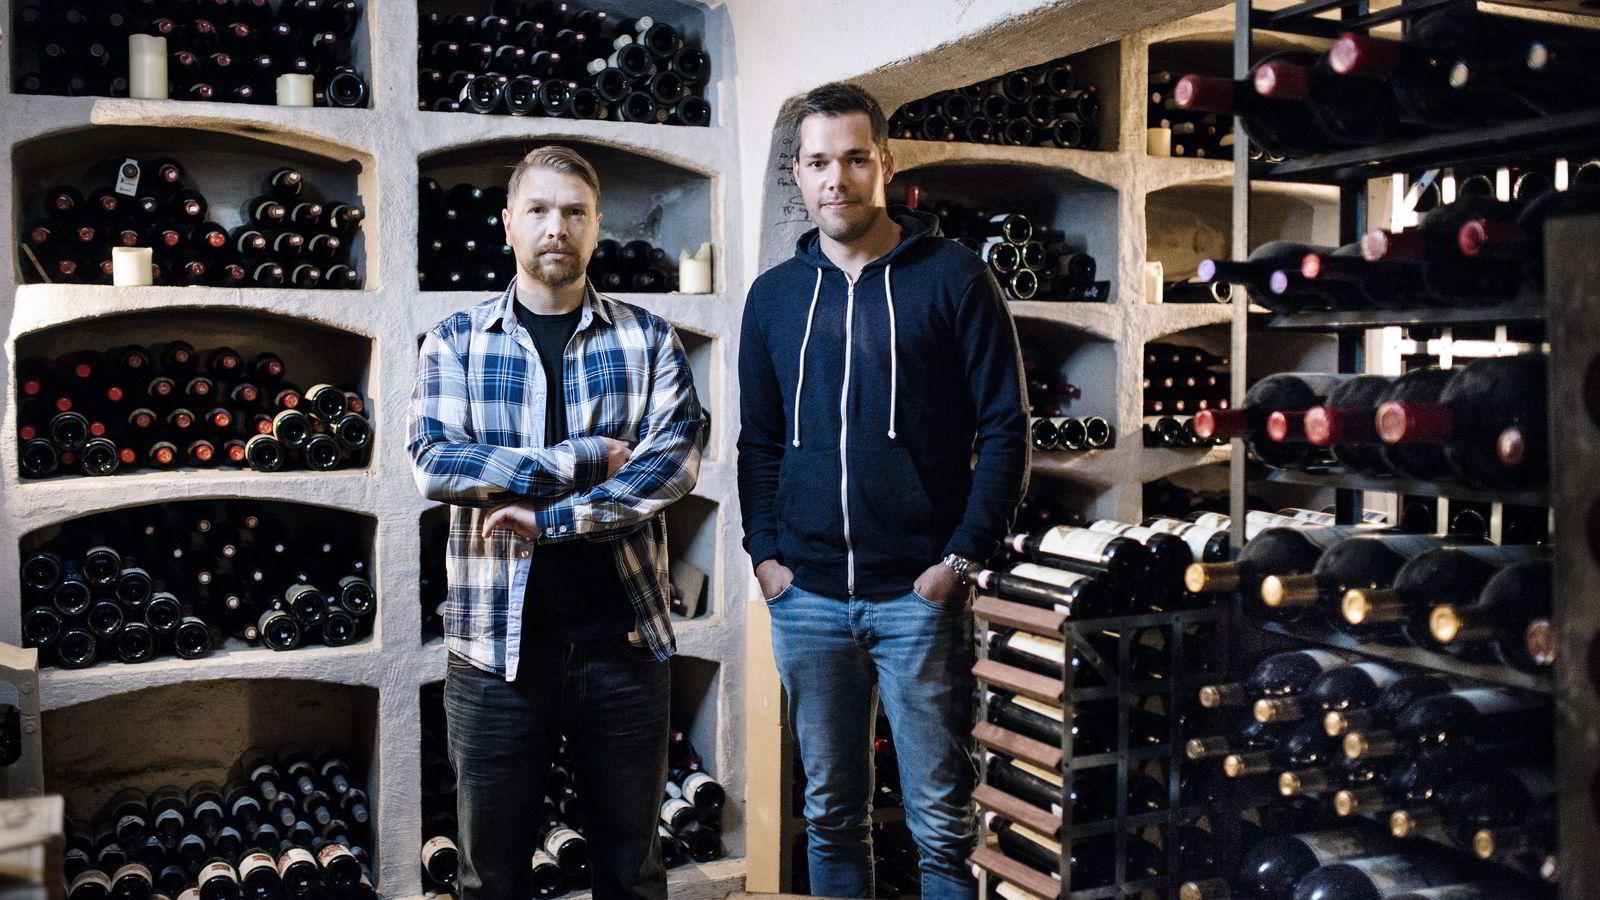 SLUTT. Restaurantsjefene Robert Lie (til venstre) og Niklas Johansson står i vinkjelleren på Bagatelle. Hovedrestauranten legges ned, men det blir fortsatt lunsjservering på Lille B.